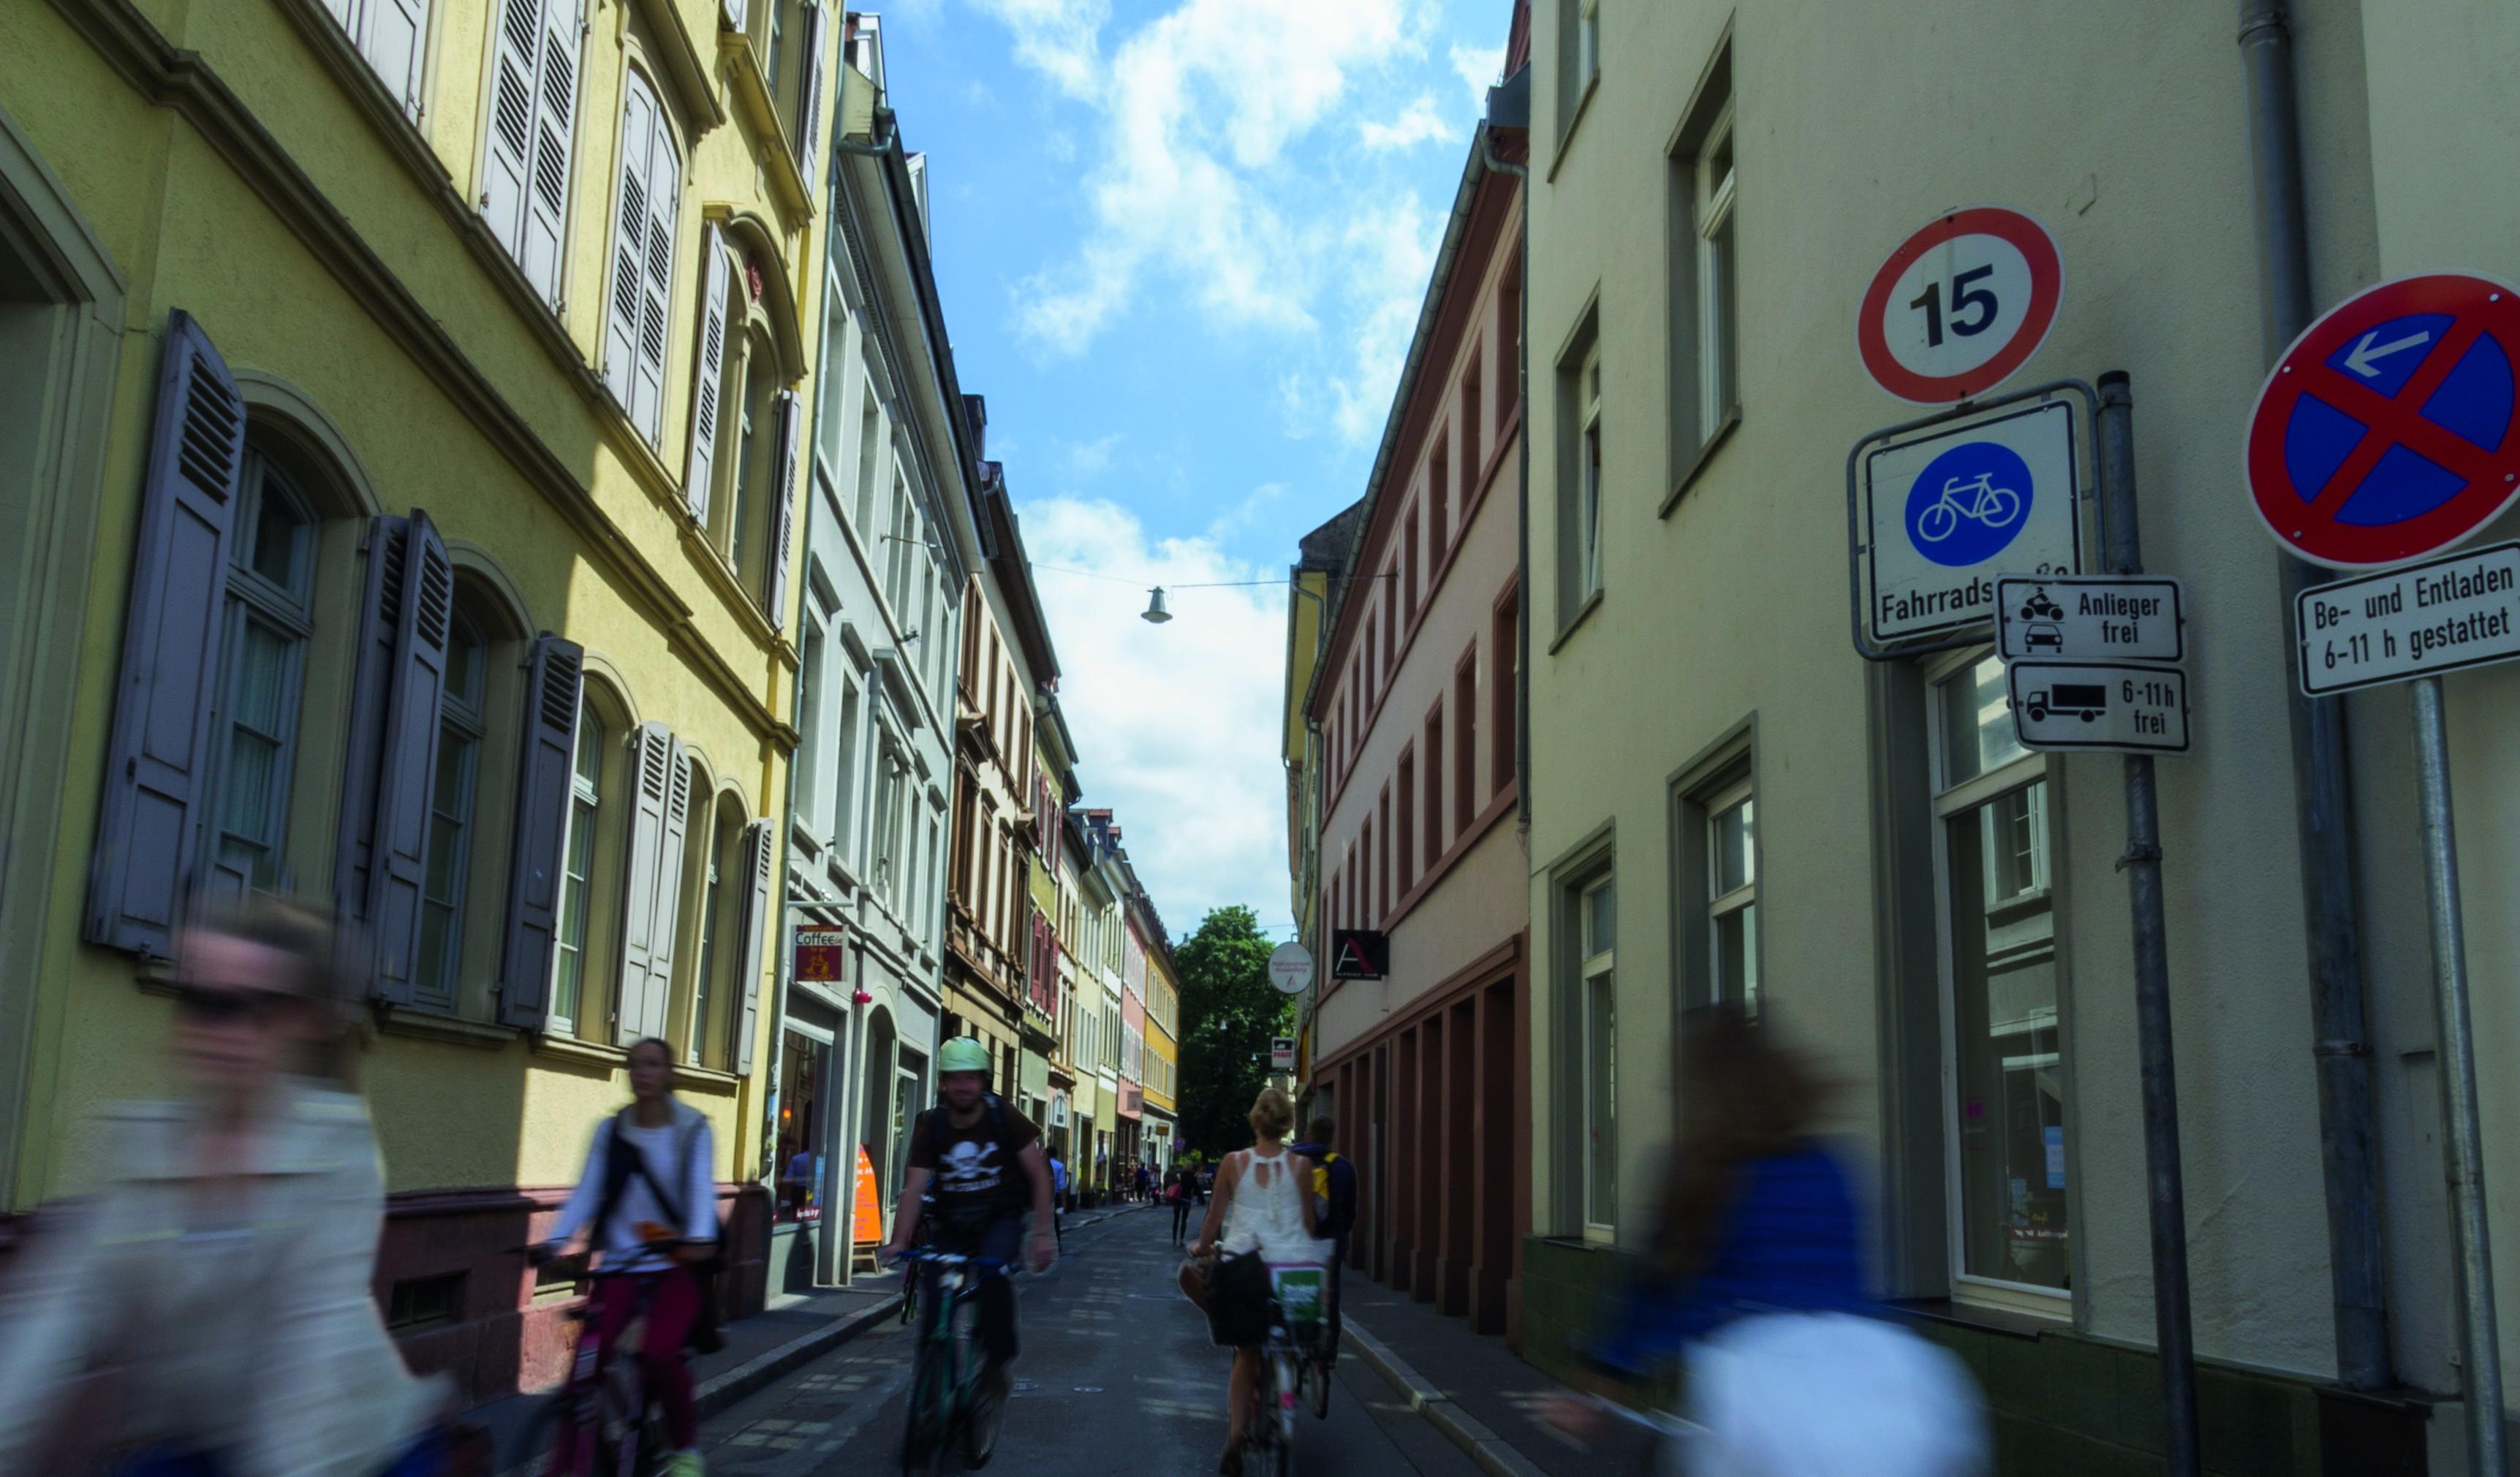 Die Plöck ist eine der verkehrsreichsten Straßen Heidelbergs - und vermutlich eine der unbeliebtesten. Foto: Philipp Köhnlein